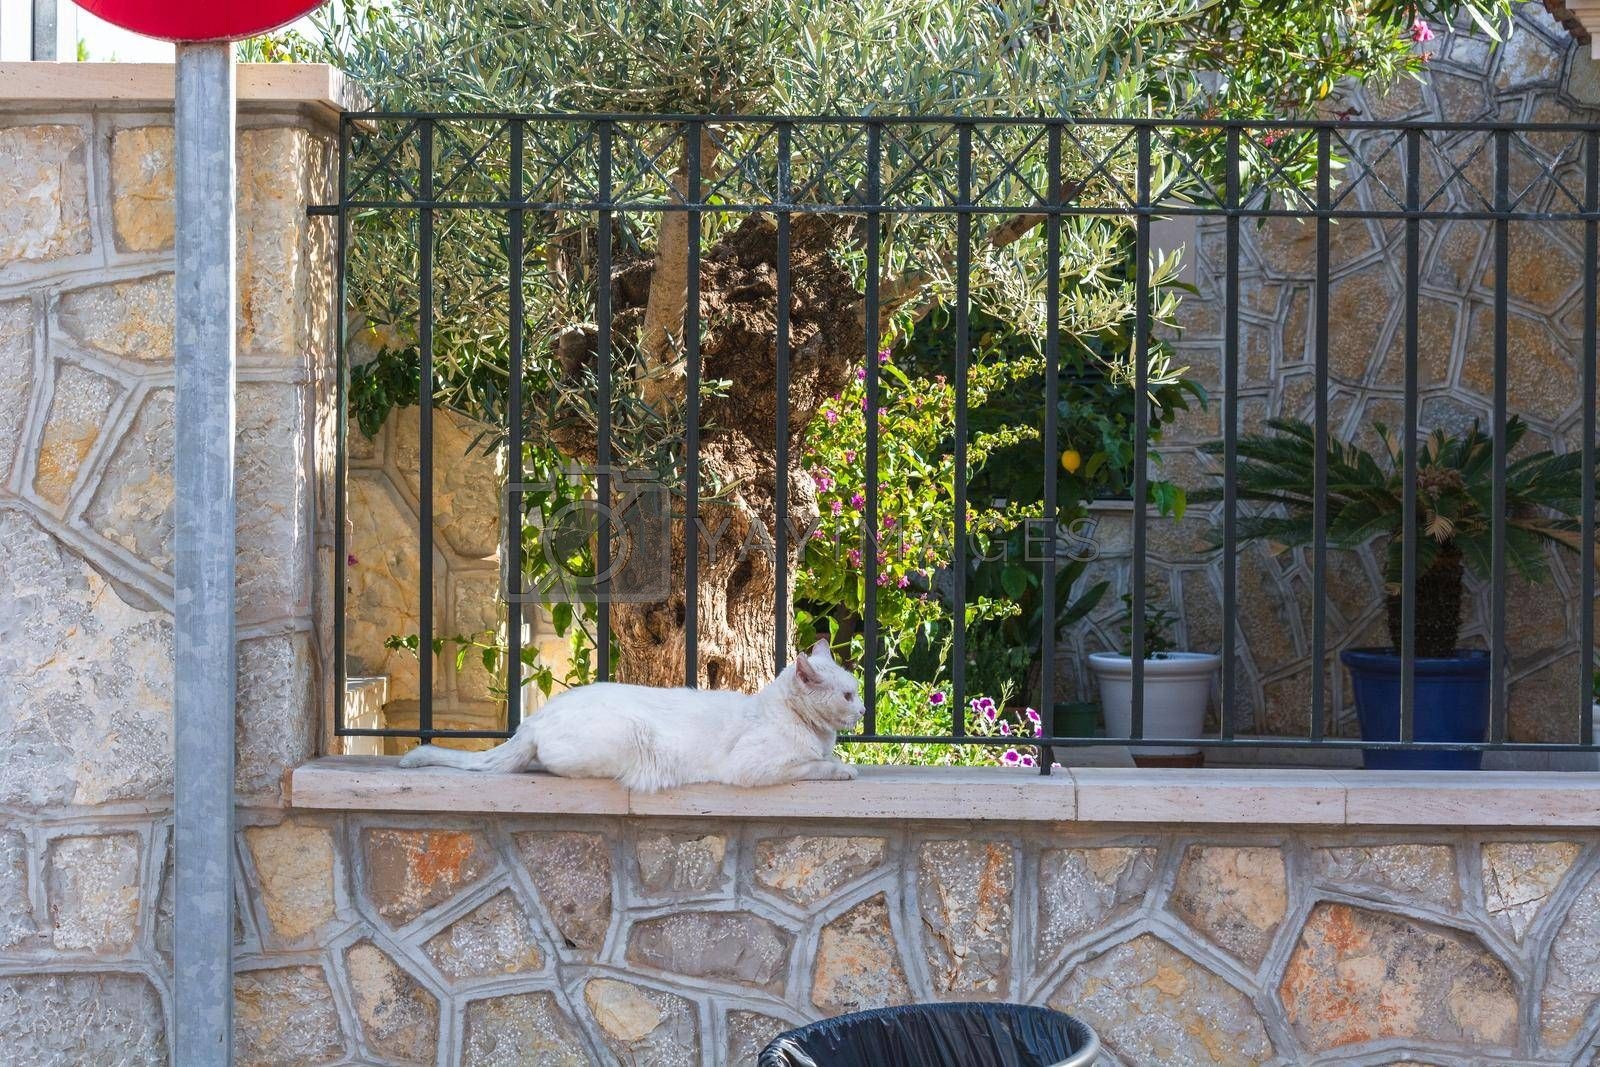 Royalty free image of Weiße Katze liegt auf einer Mauer by JFsPic